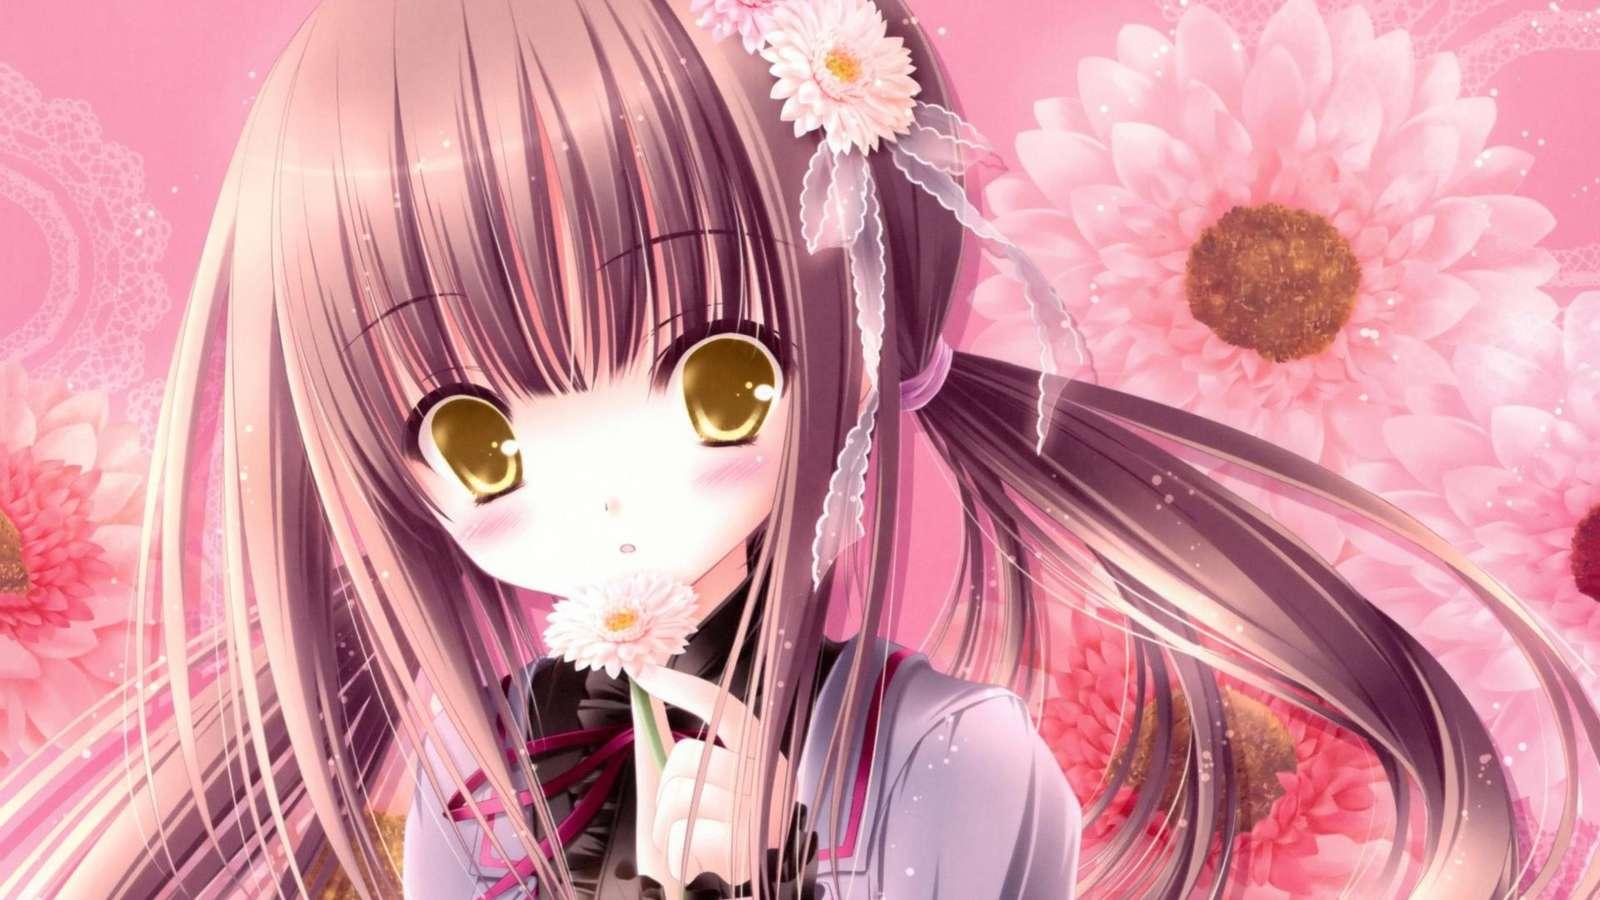 Anime meisje - Anime meisje. Fotobehang van een meisje (10×10)